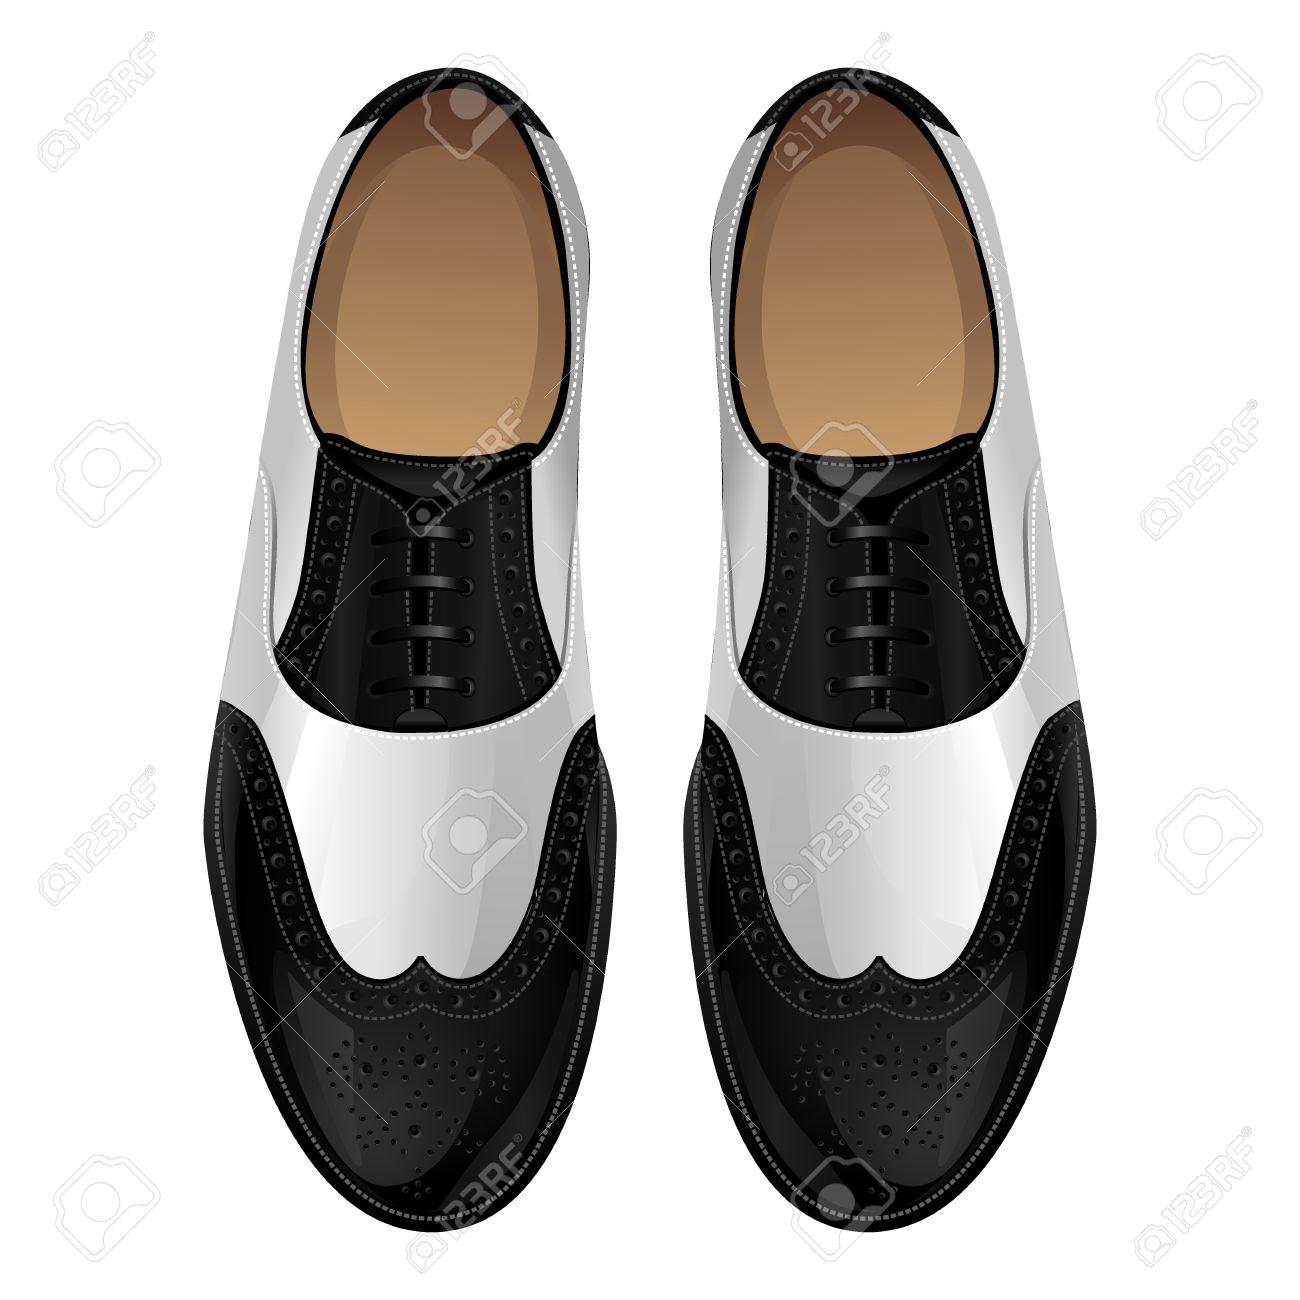 Zapatos En Y Clásicos Oxford Retro NegroEstilo Blanco qGSzpUMV